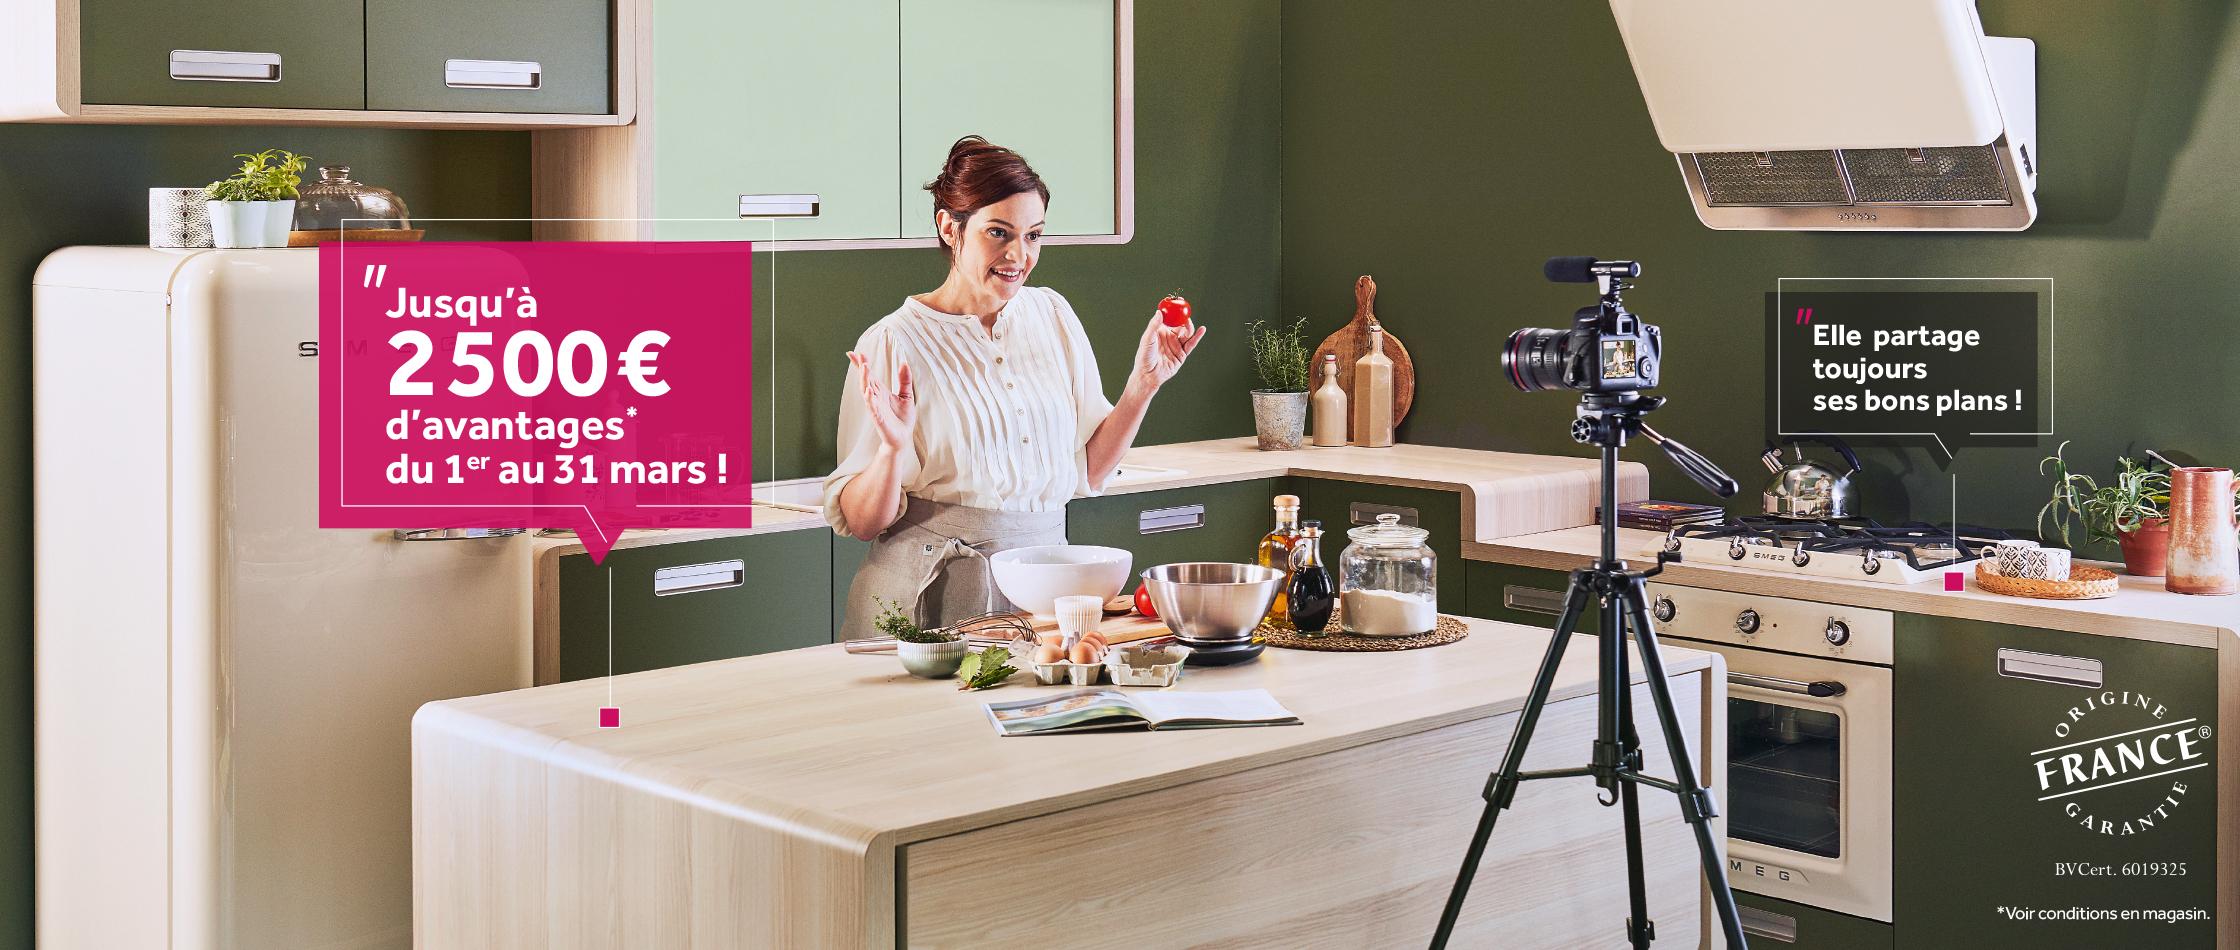 offres-exceptionnelles-cuisiniste-comera-cuisines